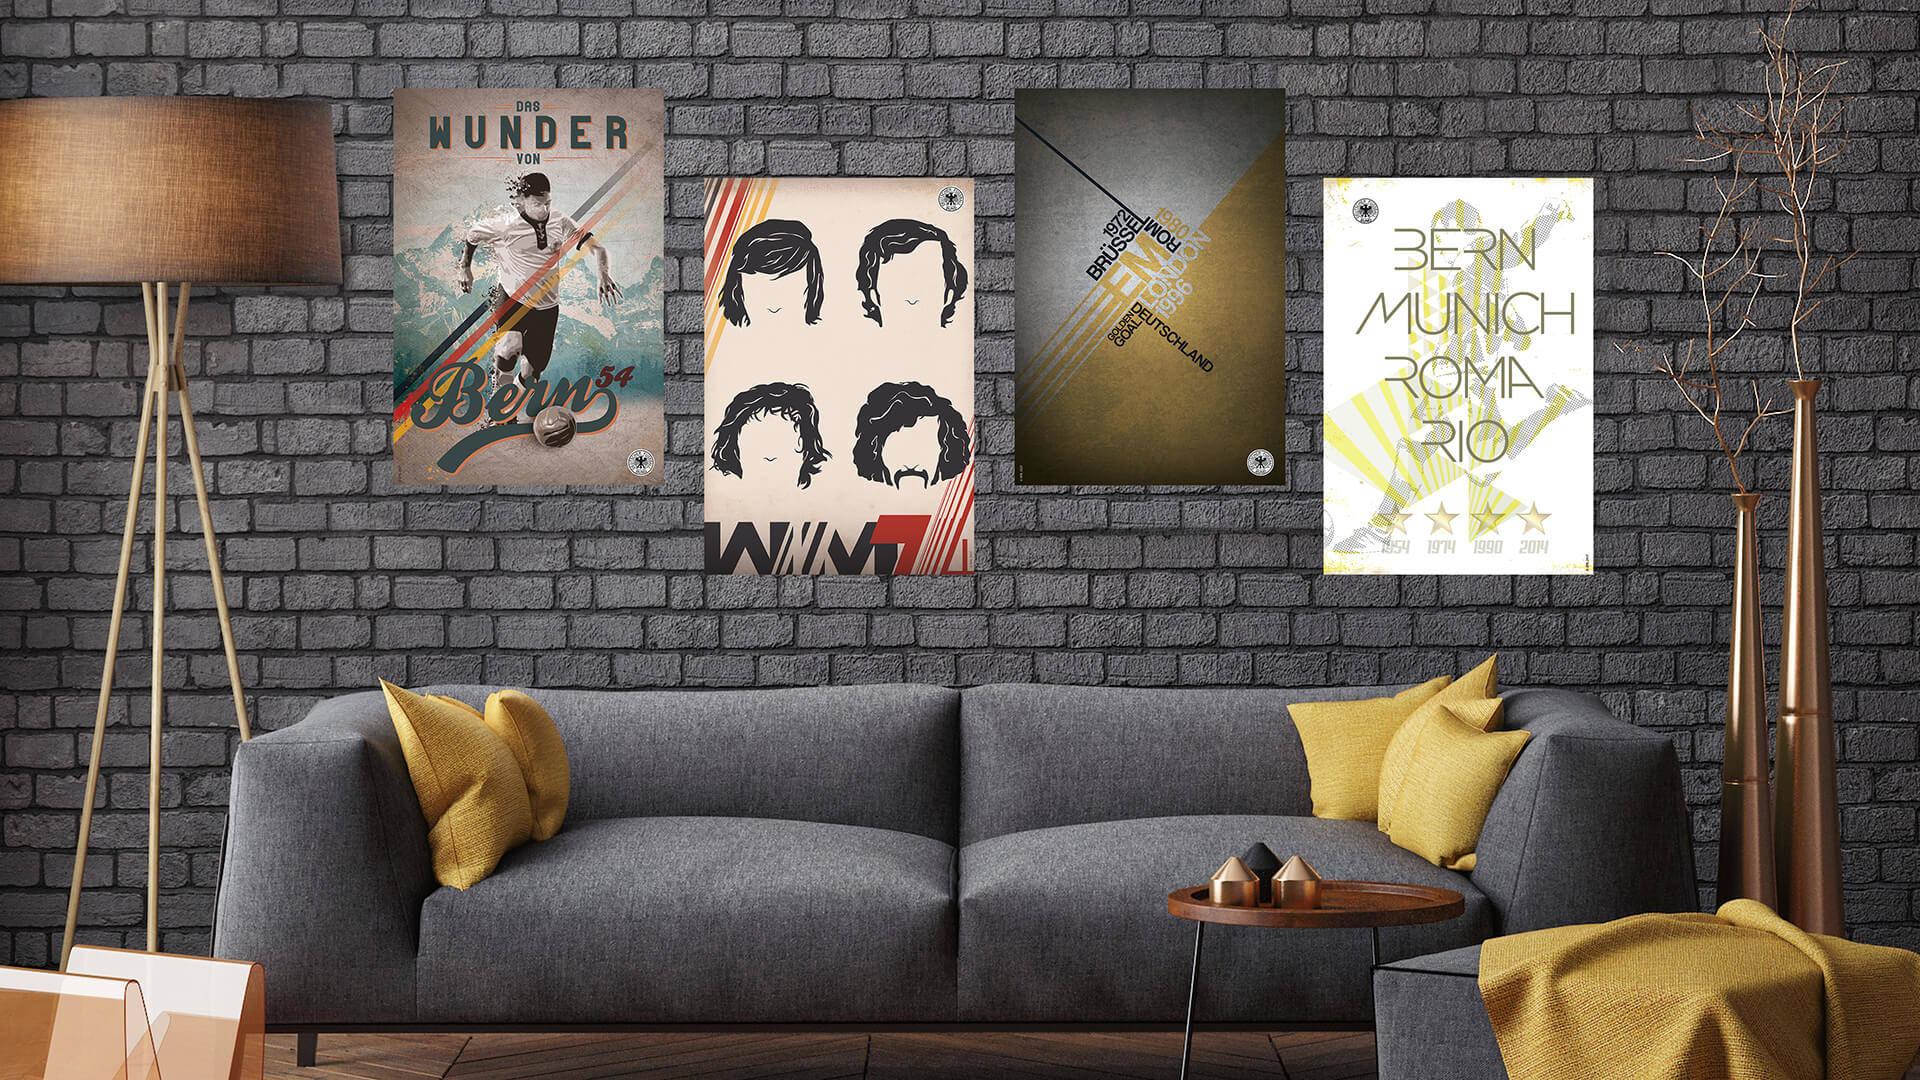 Im Hintergrund ist eine Steinwand. An der Wand befinden sich vier Plakate/Poster des deutschen Fußball Bundes. Außerdem ein graue Couch mit sechs gelben Kissen. Links von dem Sofa steht eine große bräunliche Lampe. Rechts von dem Sofa sind zwei roséfarbene Vasen mit Ästen. Vor dem Sofa steht ein kleiner Beistelltisch und ein grauer Hocker mit einer gelben Decke. Man erkennt deutlich, dass es eine Fotomontage ist.